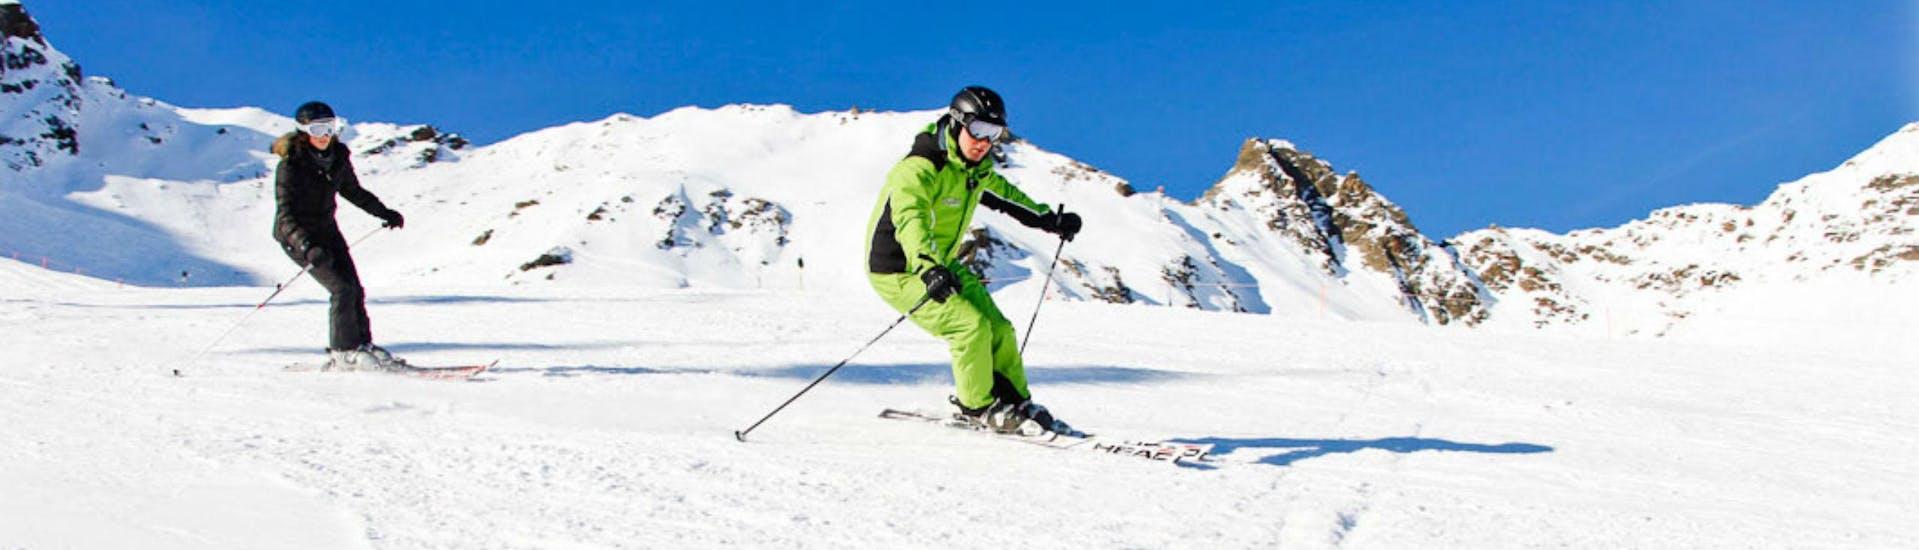 Eine Skifahrerin folgt bei ihrem Skikurs für Teens & Erwachsene - Alle Levels ihrem Skilehrer der Ski- und Bikeschule Ötztal Sölden.